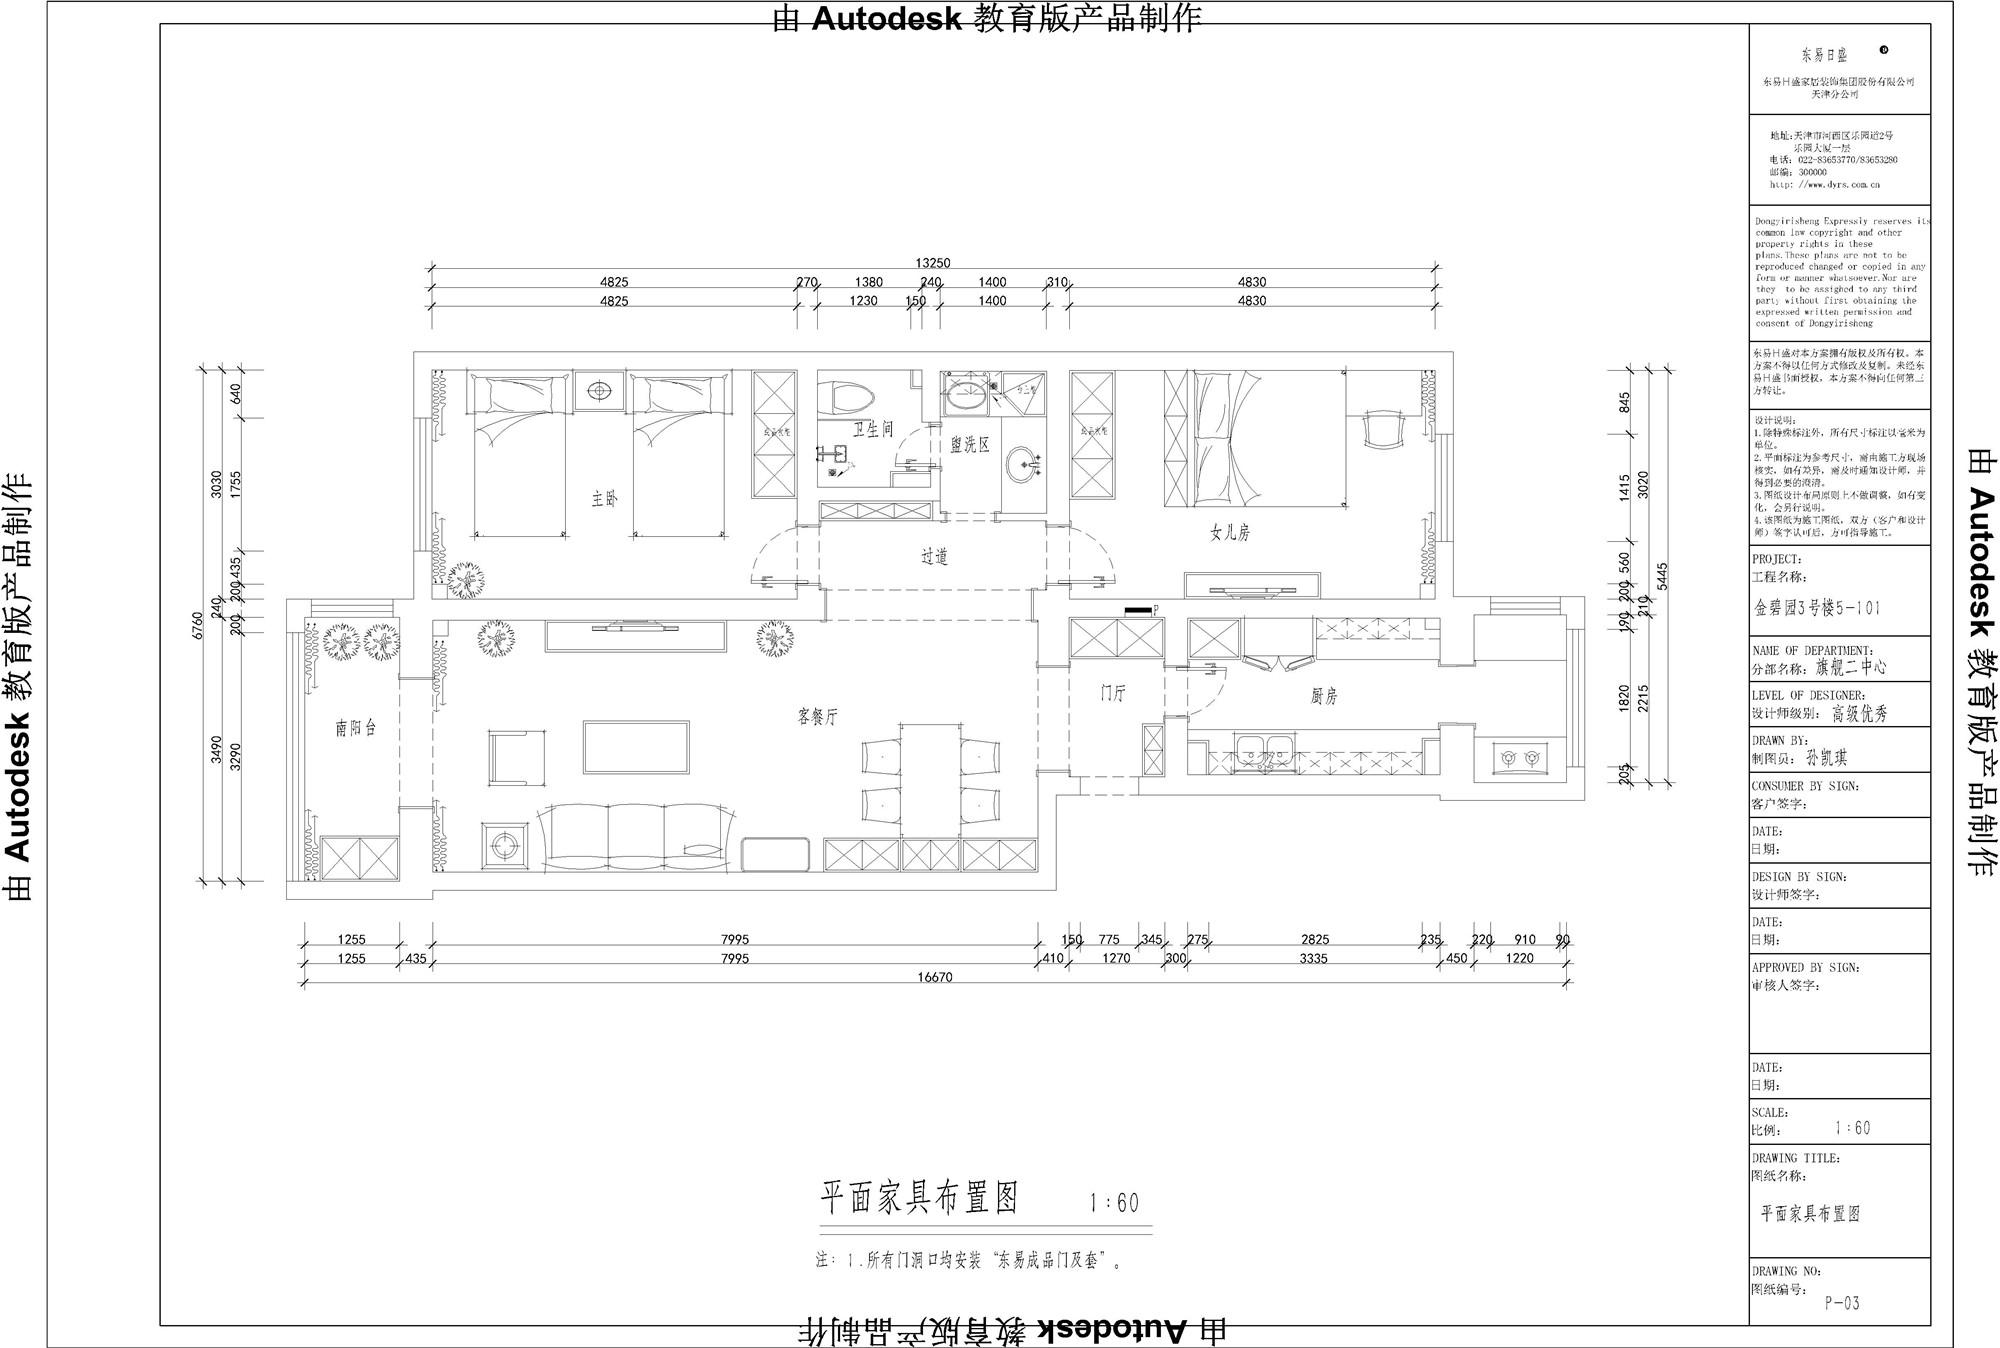 金碧园-简约美式-108㎡装修设计理念